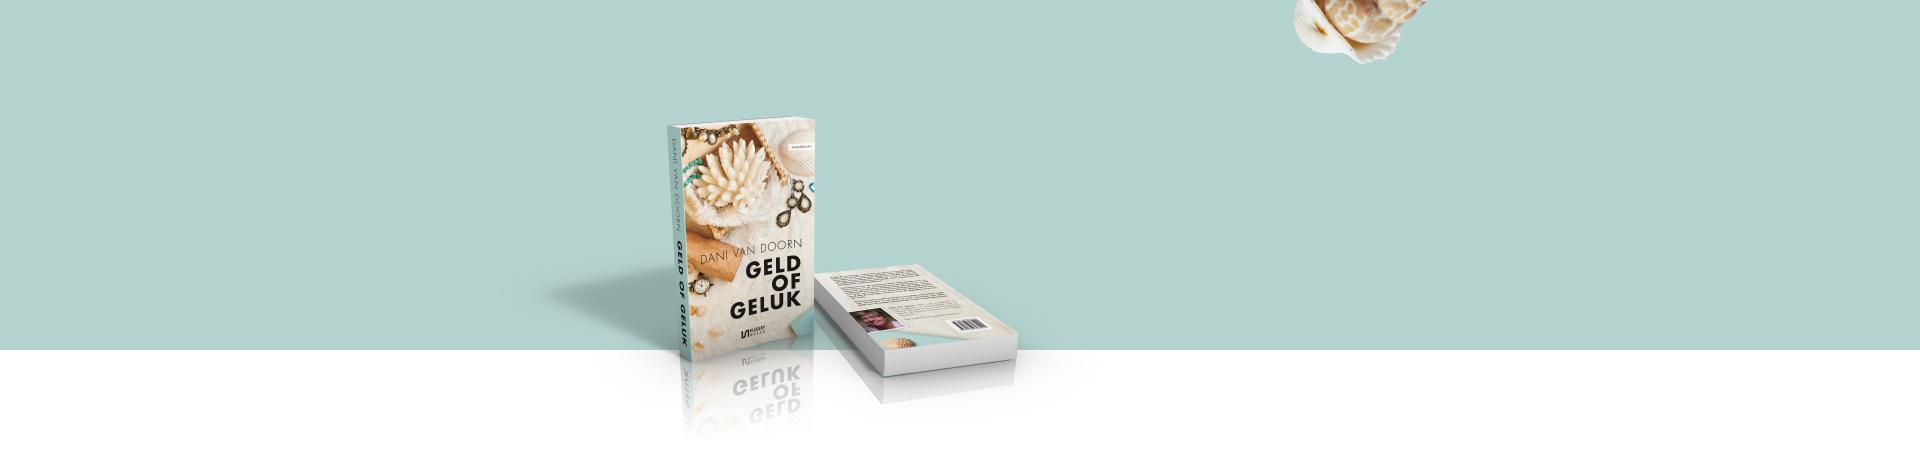 slider Artgen ontwerp boekomslag